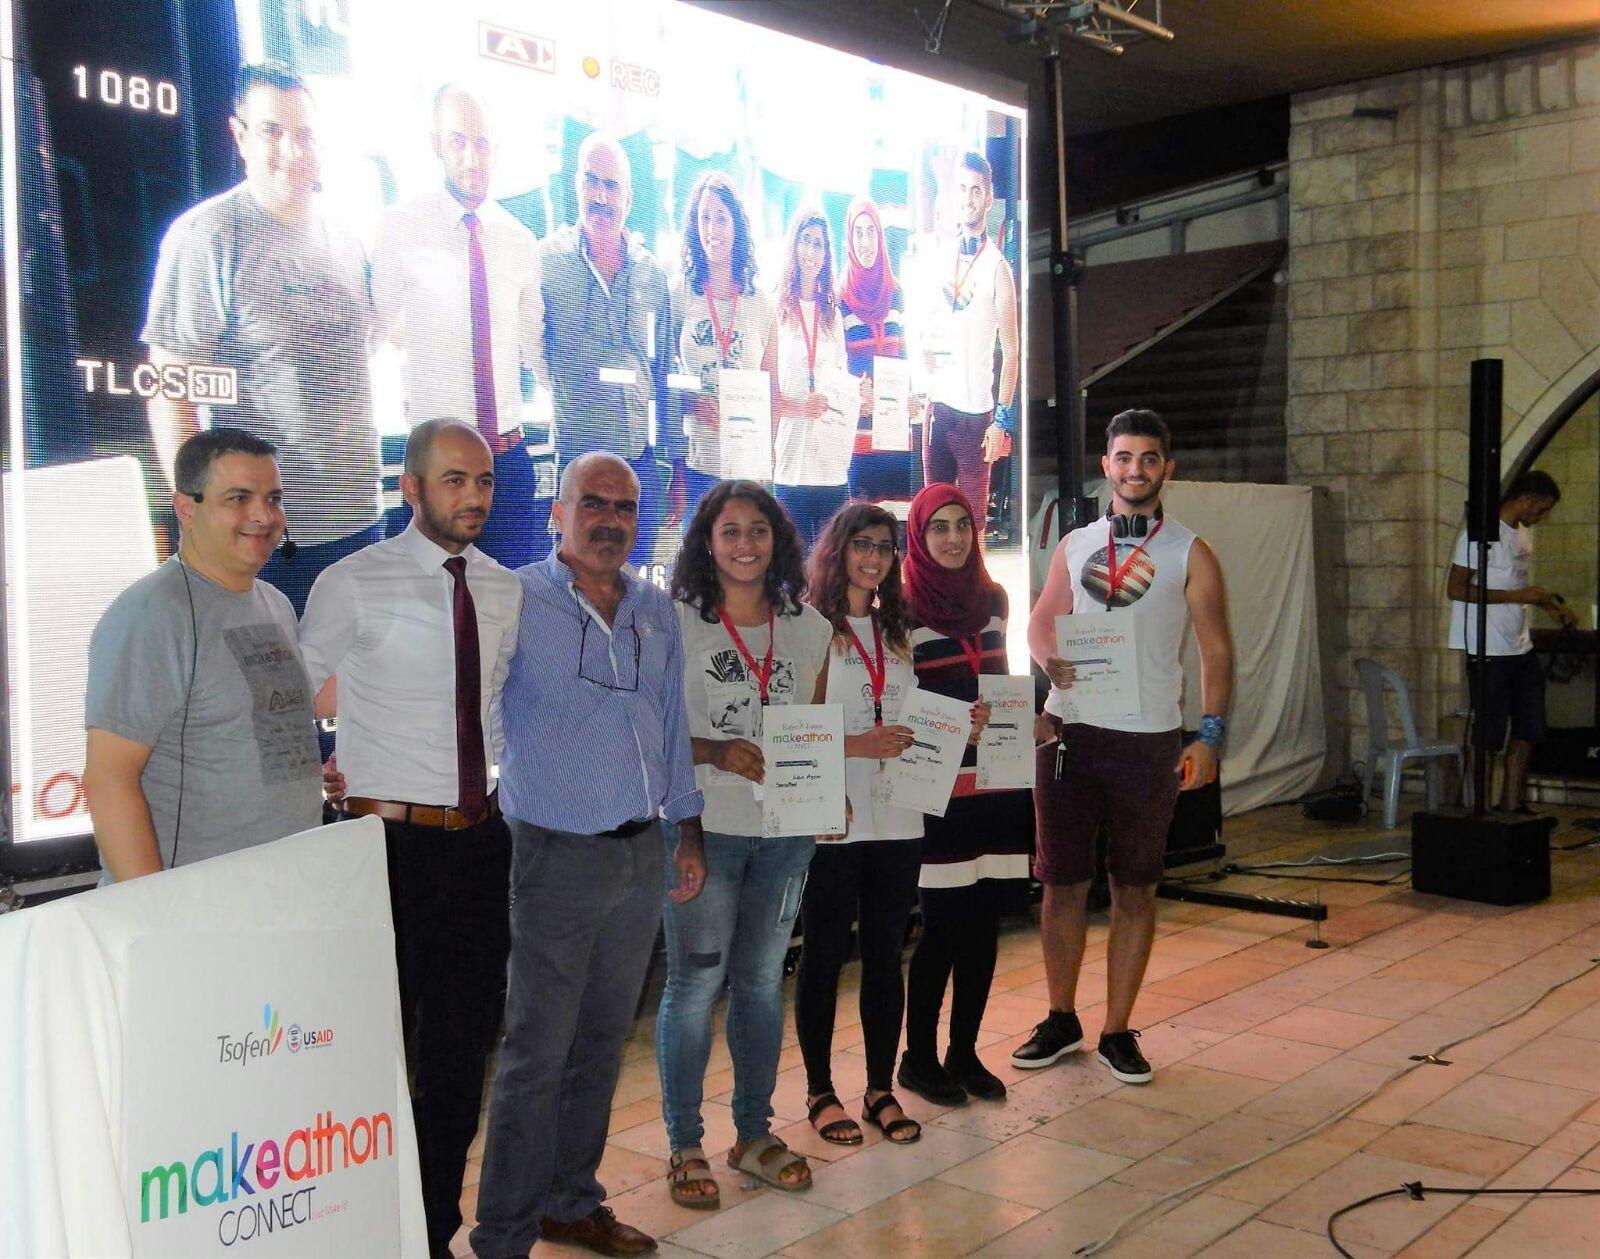 إختتام ميكاثون الناصرة السادس 2017 لمؤسسة تسوفن